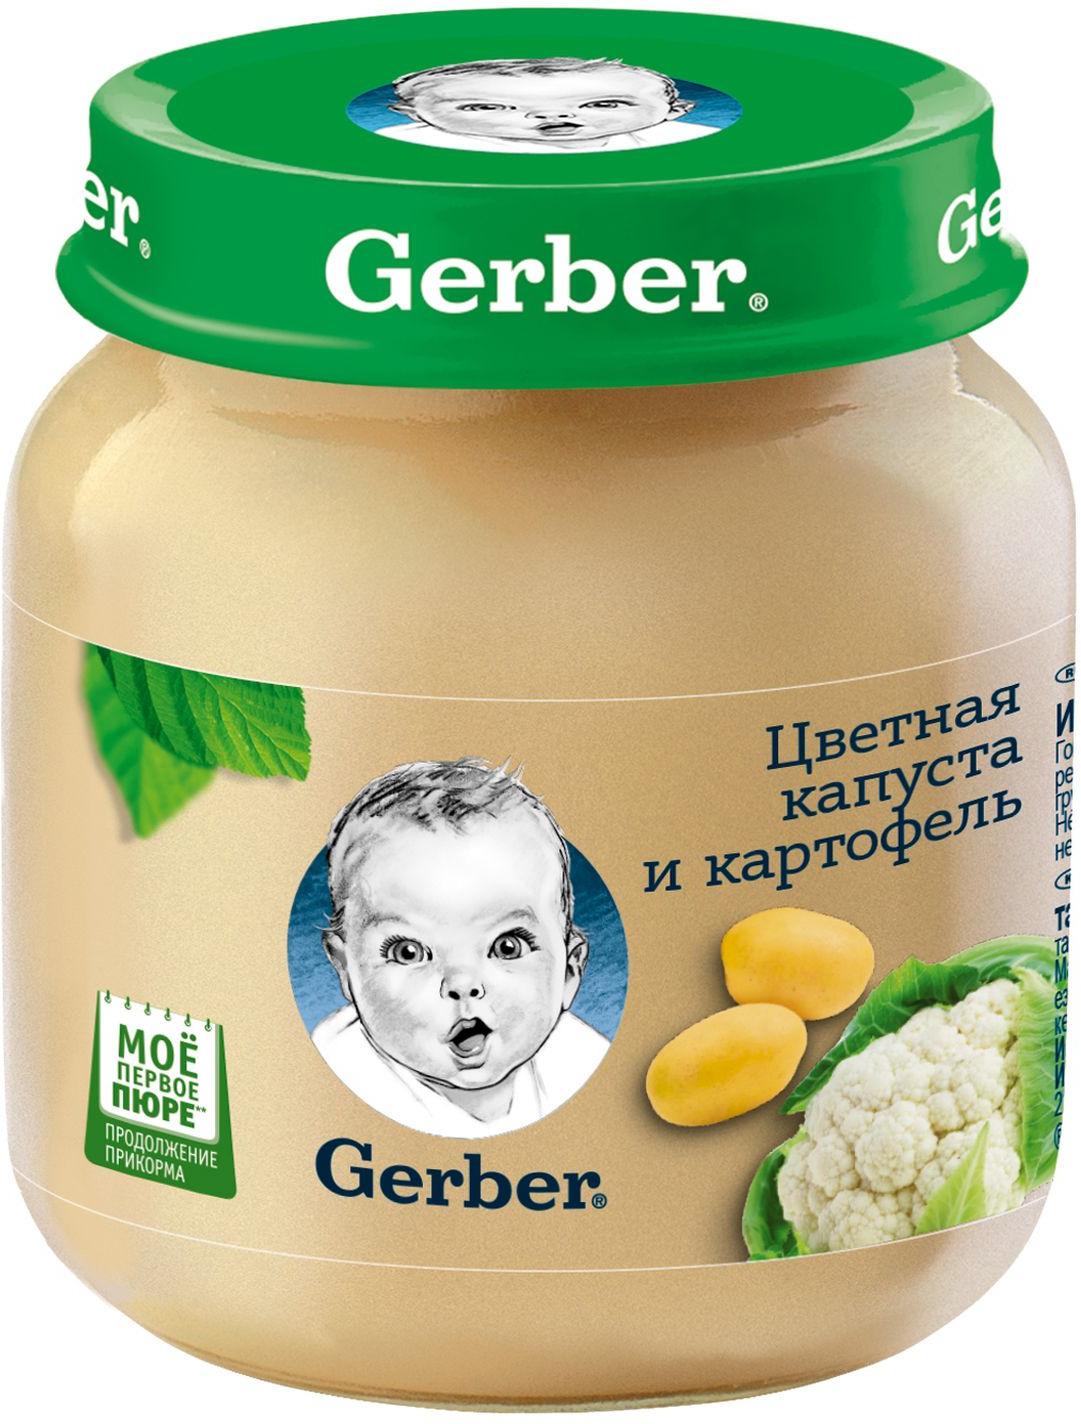 Gerber пюре цветная капуста и картофель, 130 г gerber пюре картофель кабачок с 5 месяцев 12 шт по 130 г